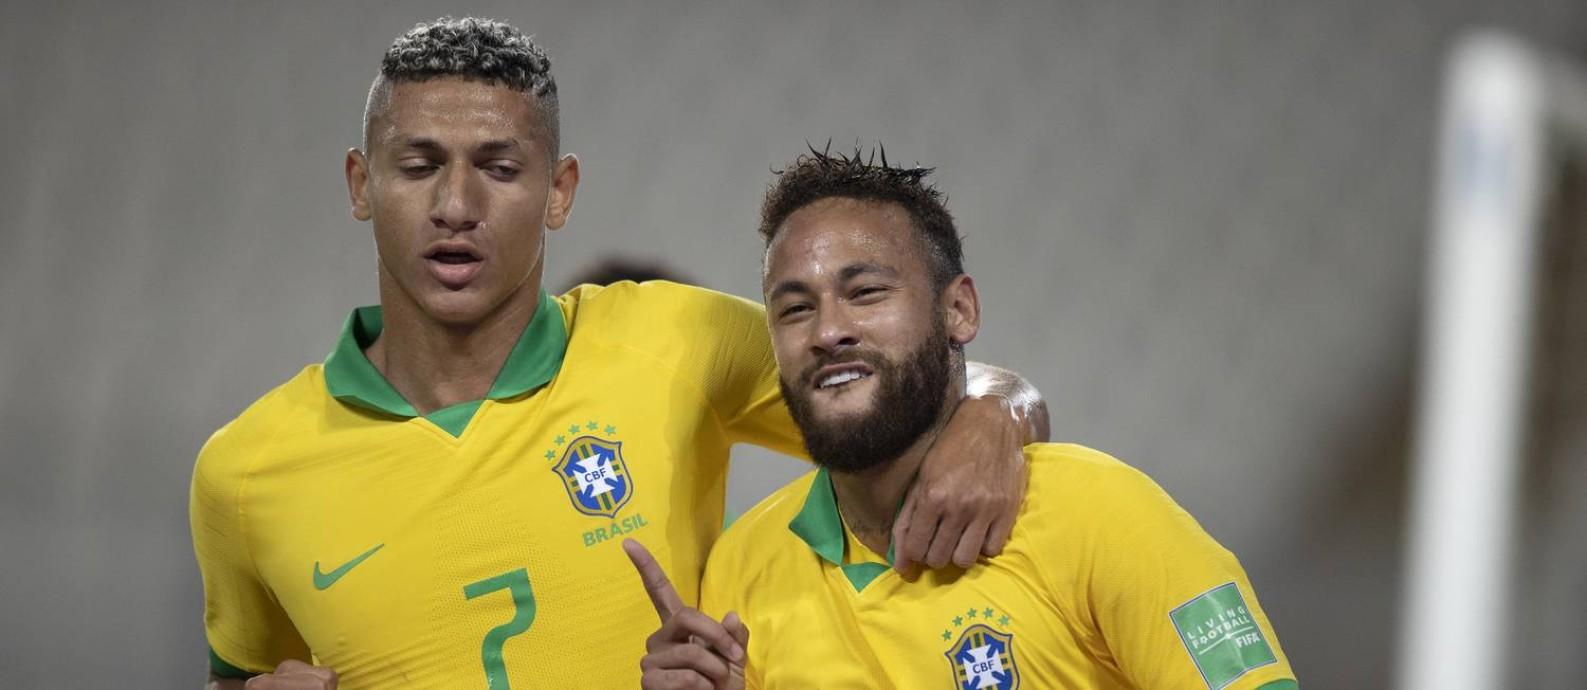 Richarlison ao lado de Neymar na vitória do Brasil sobre o Peru, em Lima Foto: Lucas Figueiredo / CBF